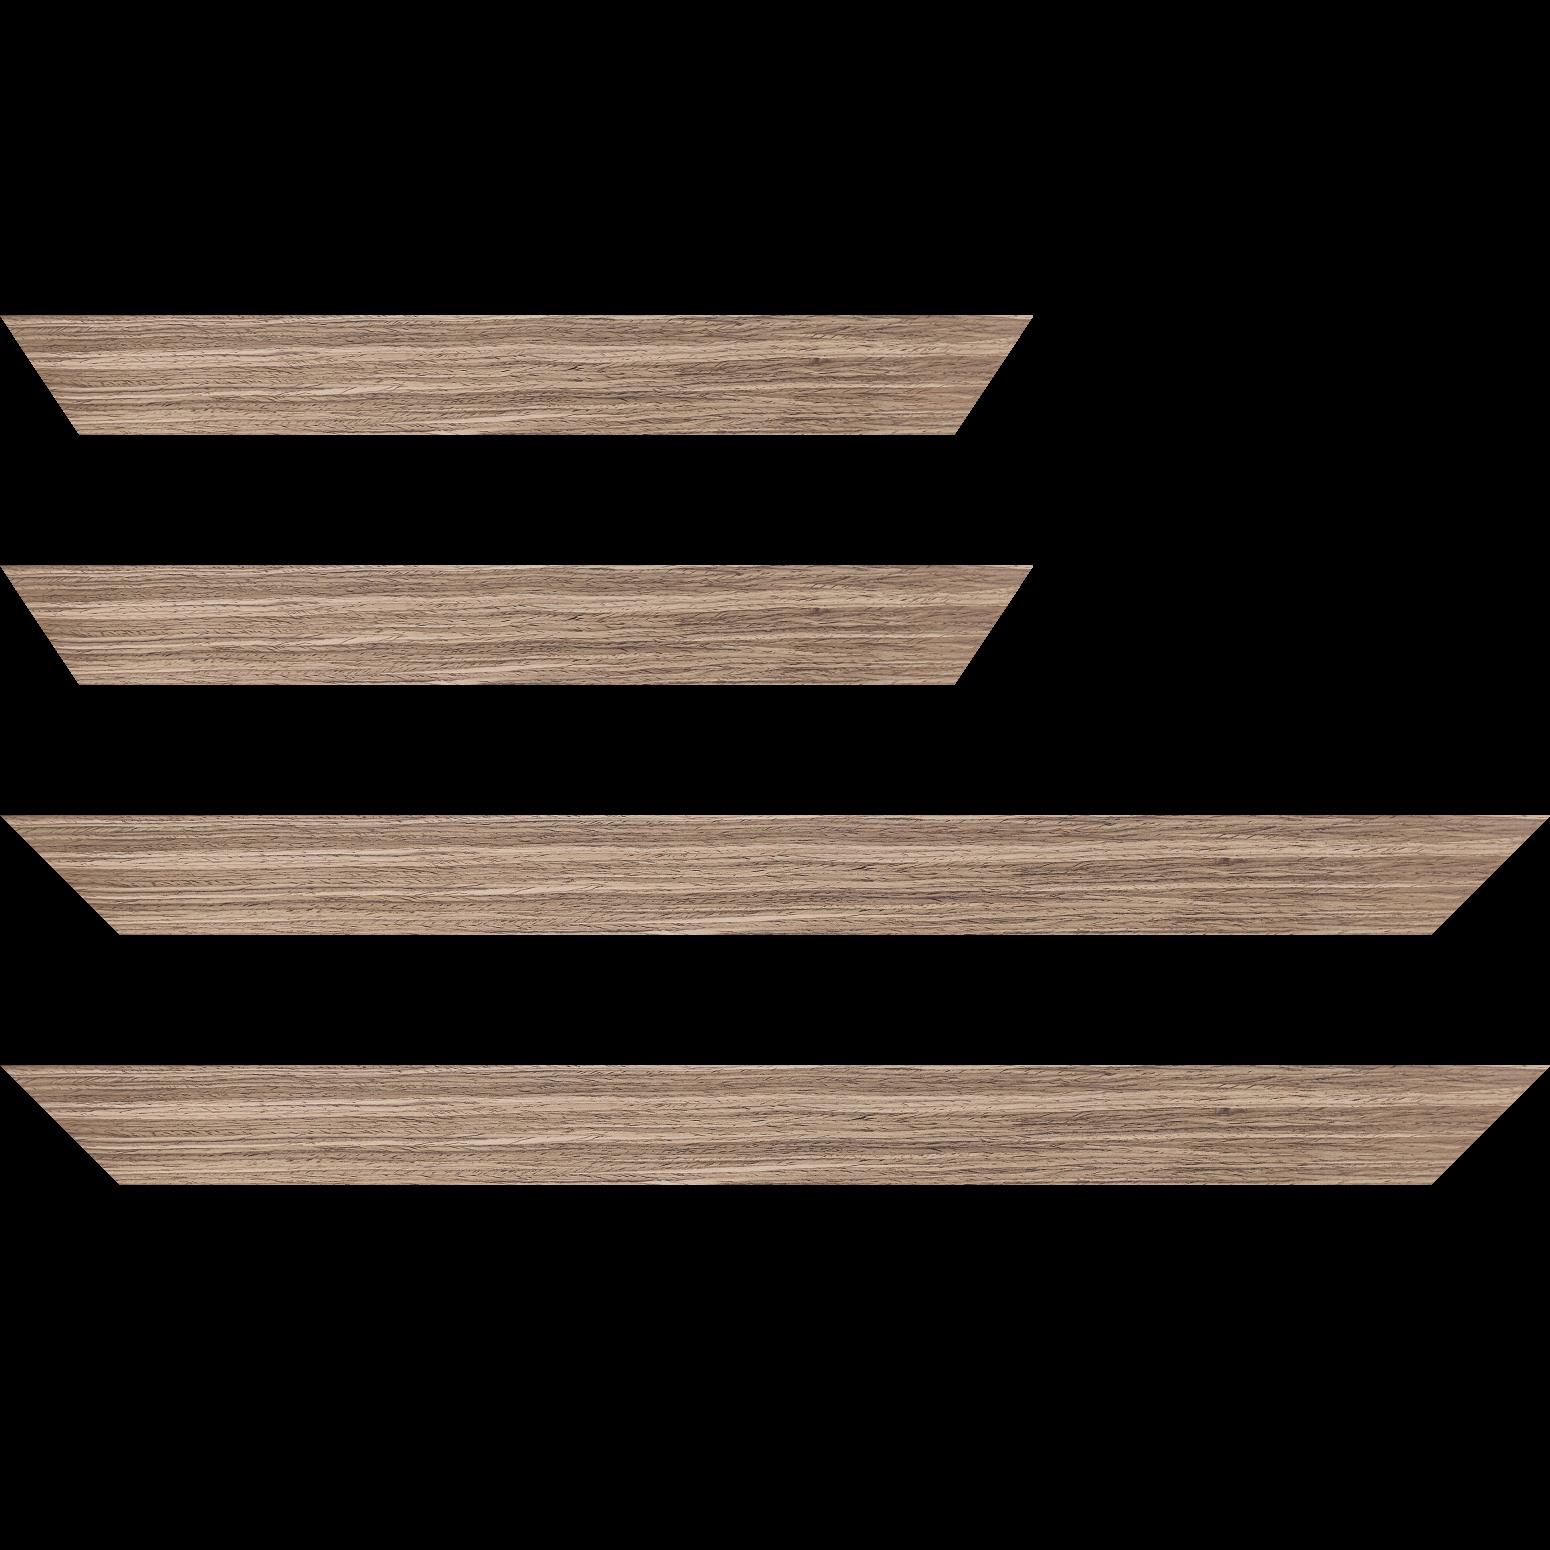 Baguette service précoupé Bois profil plat largeur 4cm plaquage noyer haut de gamme